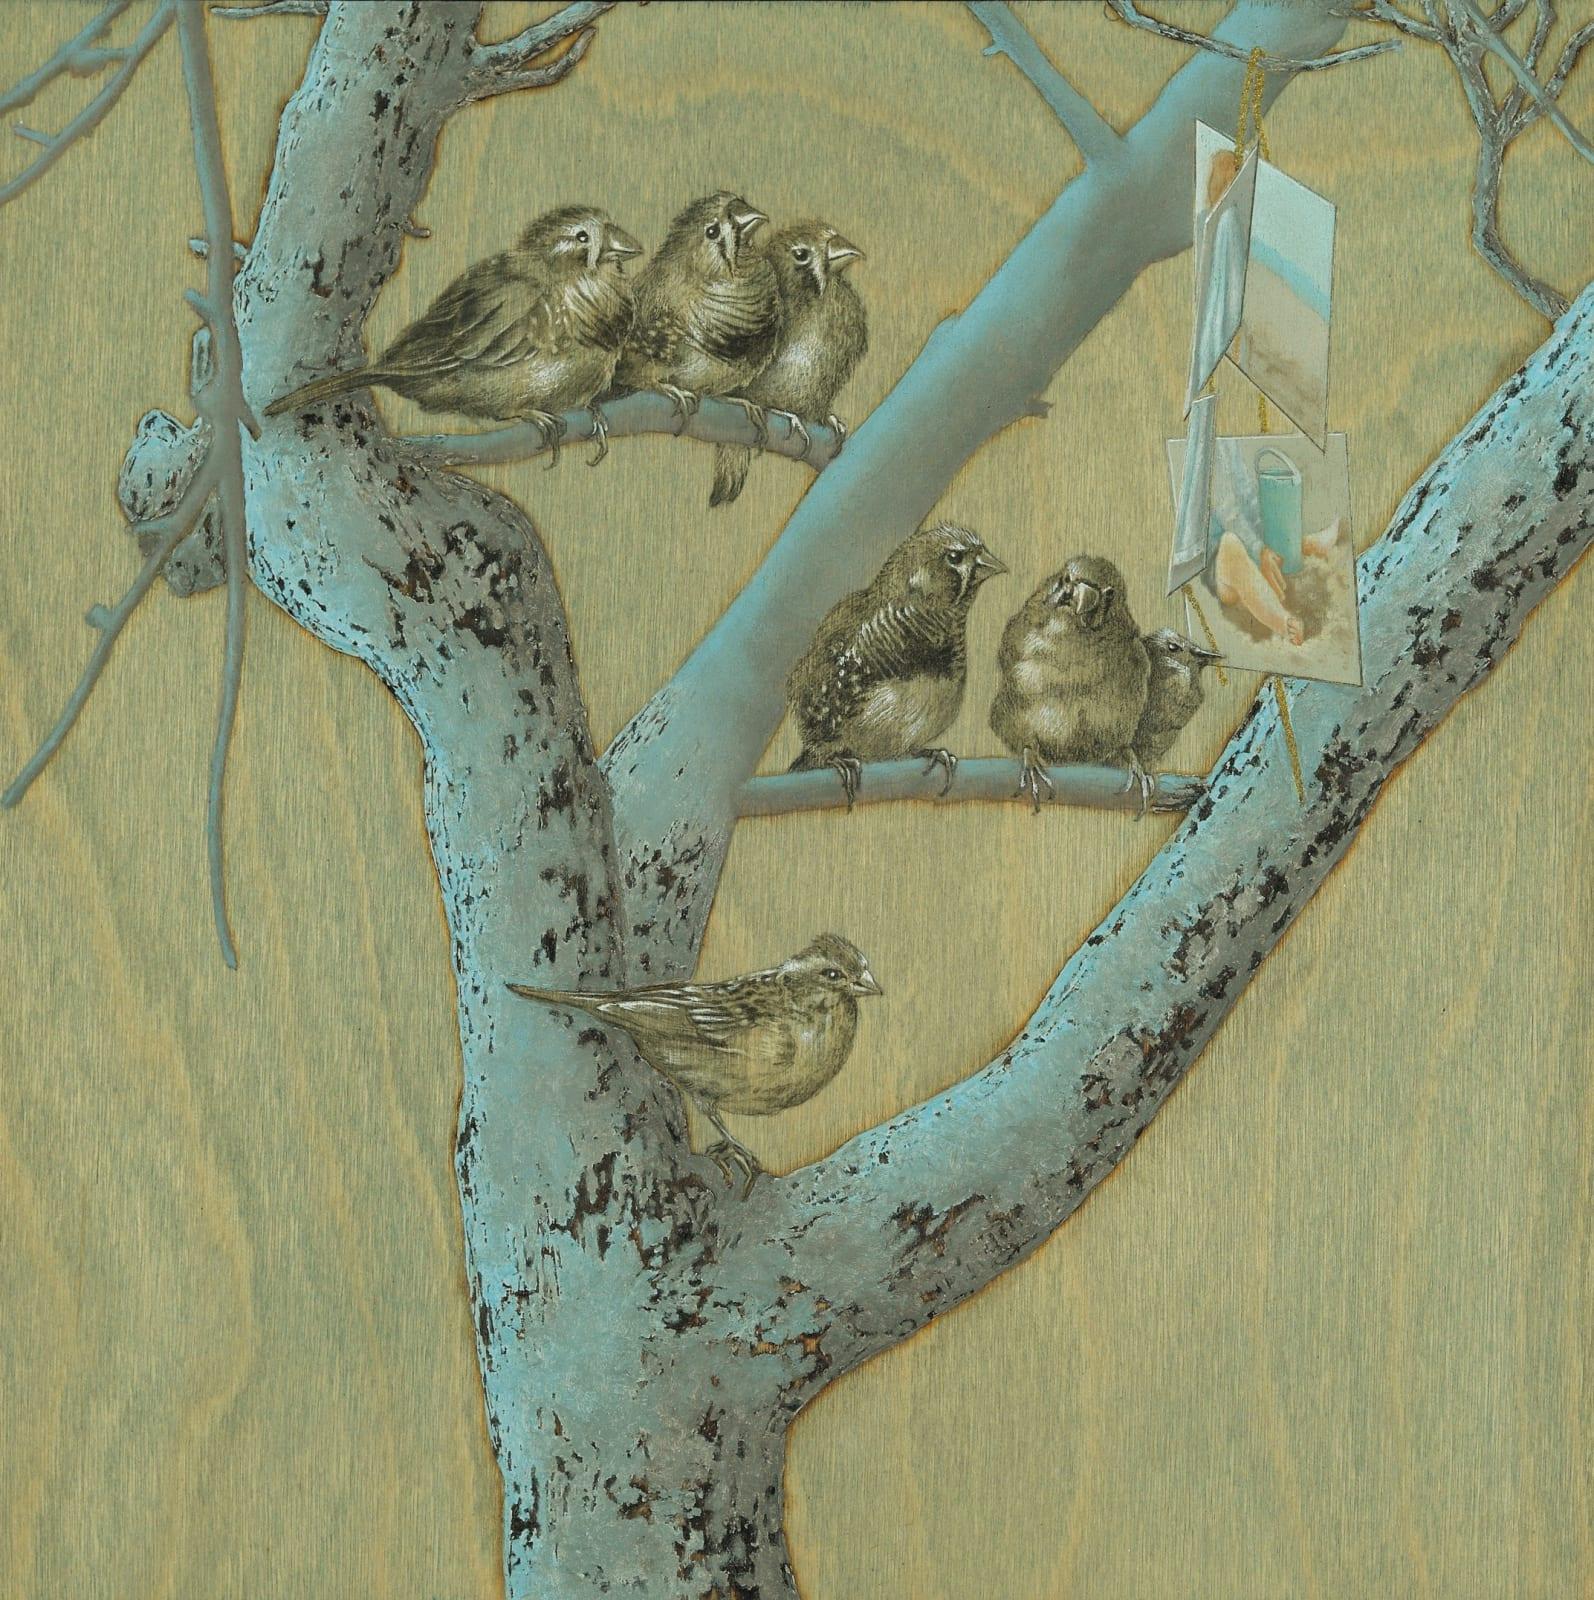 Intercessions: Bobbie Moline-Kramer and James Singelis